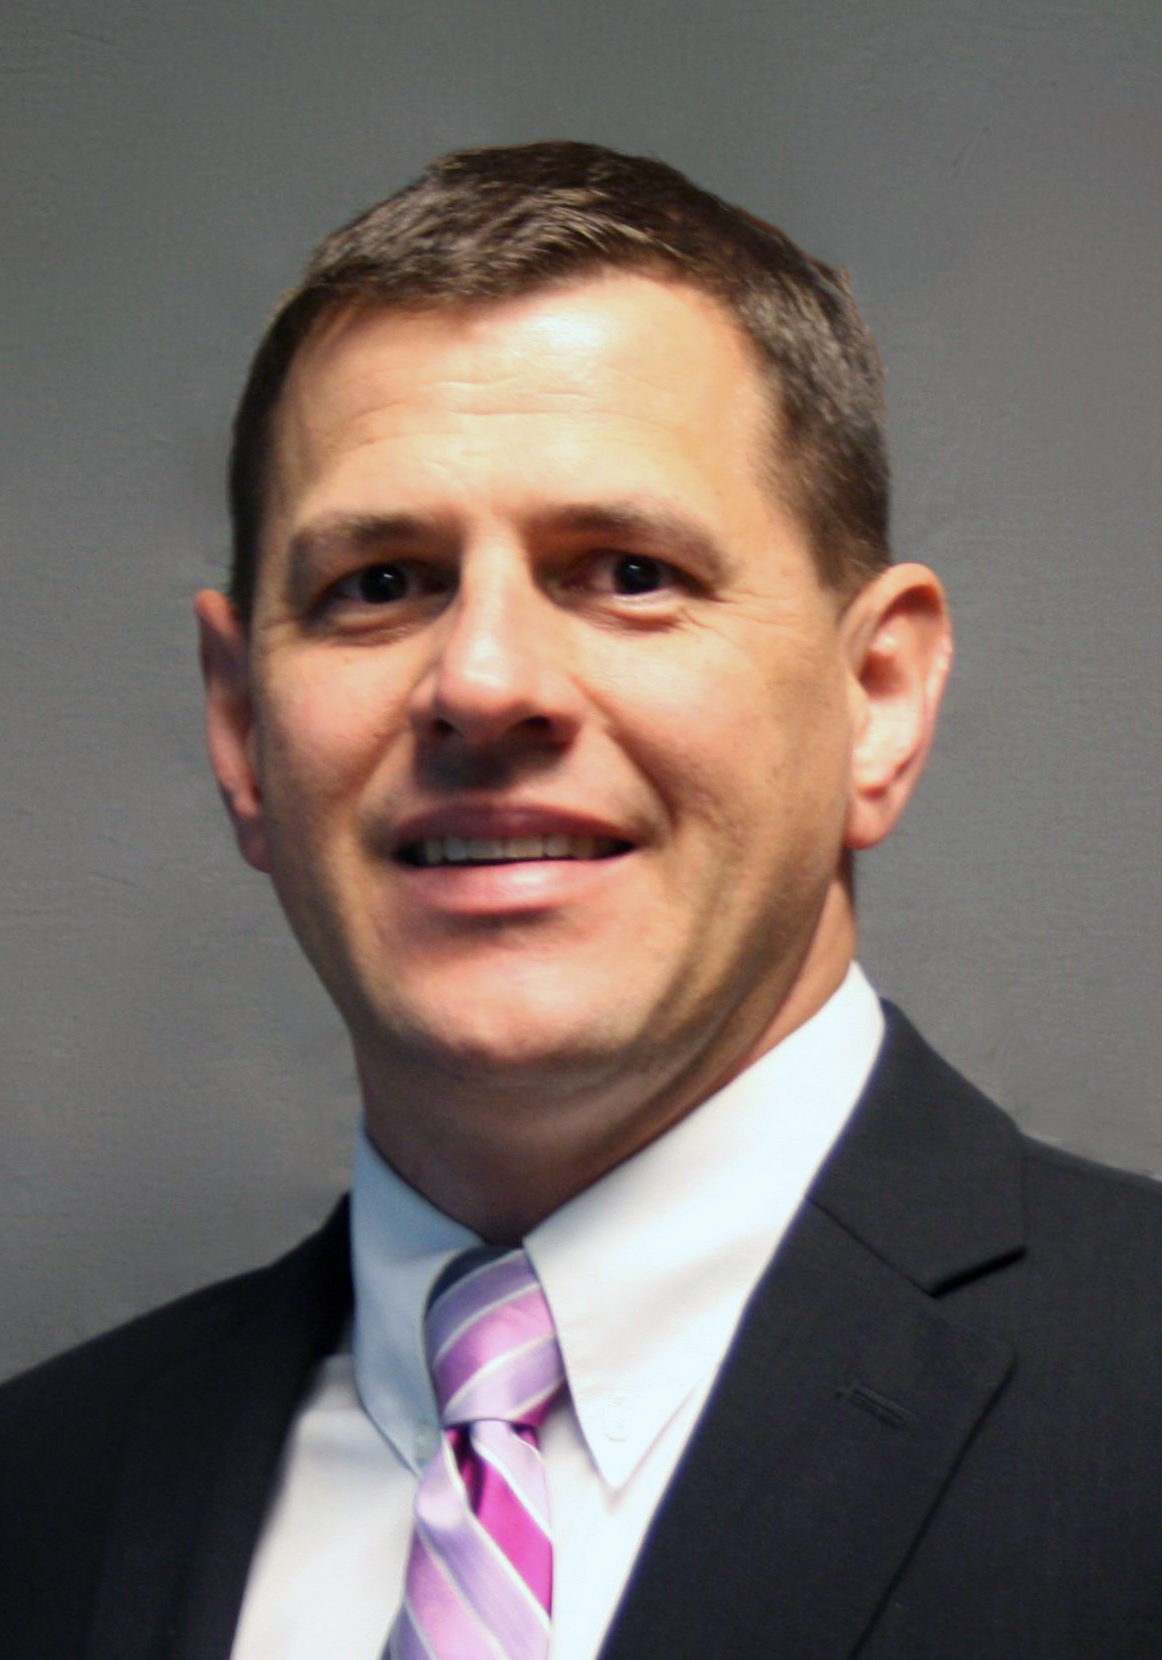 Dan Meier, Vice President